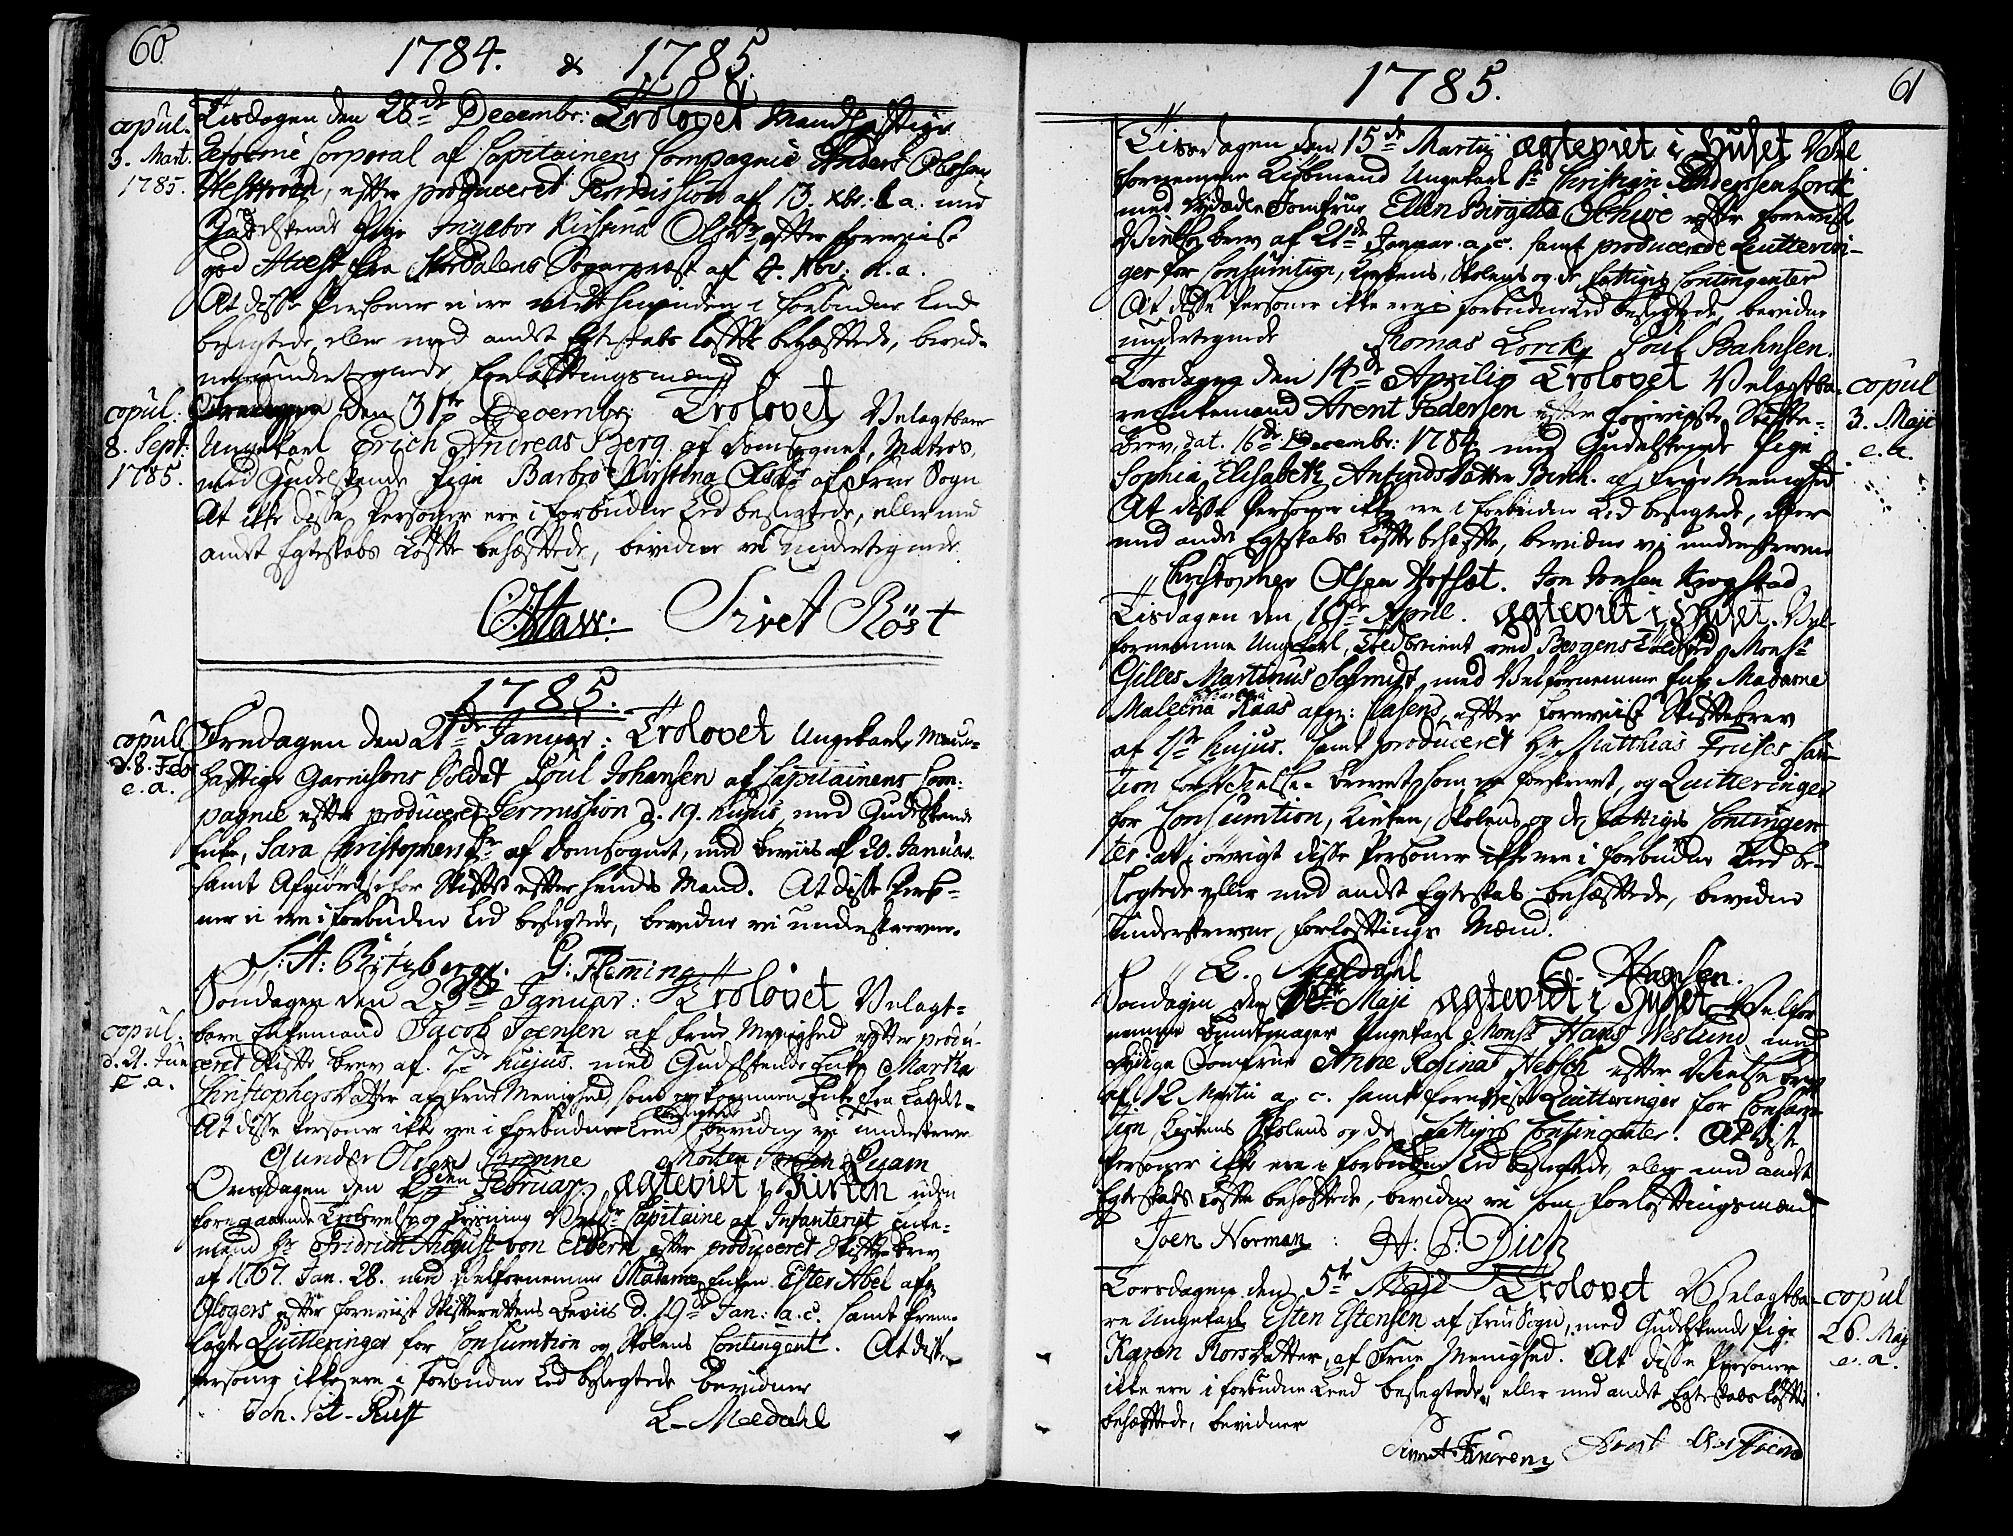 SAT, Ministerialprotokoller, klokkerbøker og fødselsregistre - Sør-Trøndelag, 602/L0105: Ministerialbok nr. 602A03, 1774-1814, s. 60-61